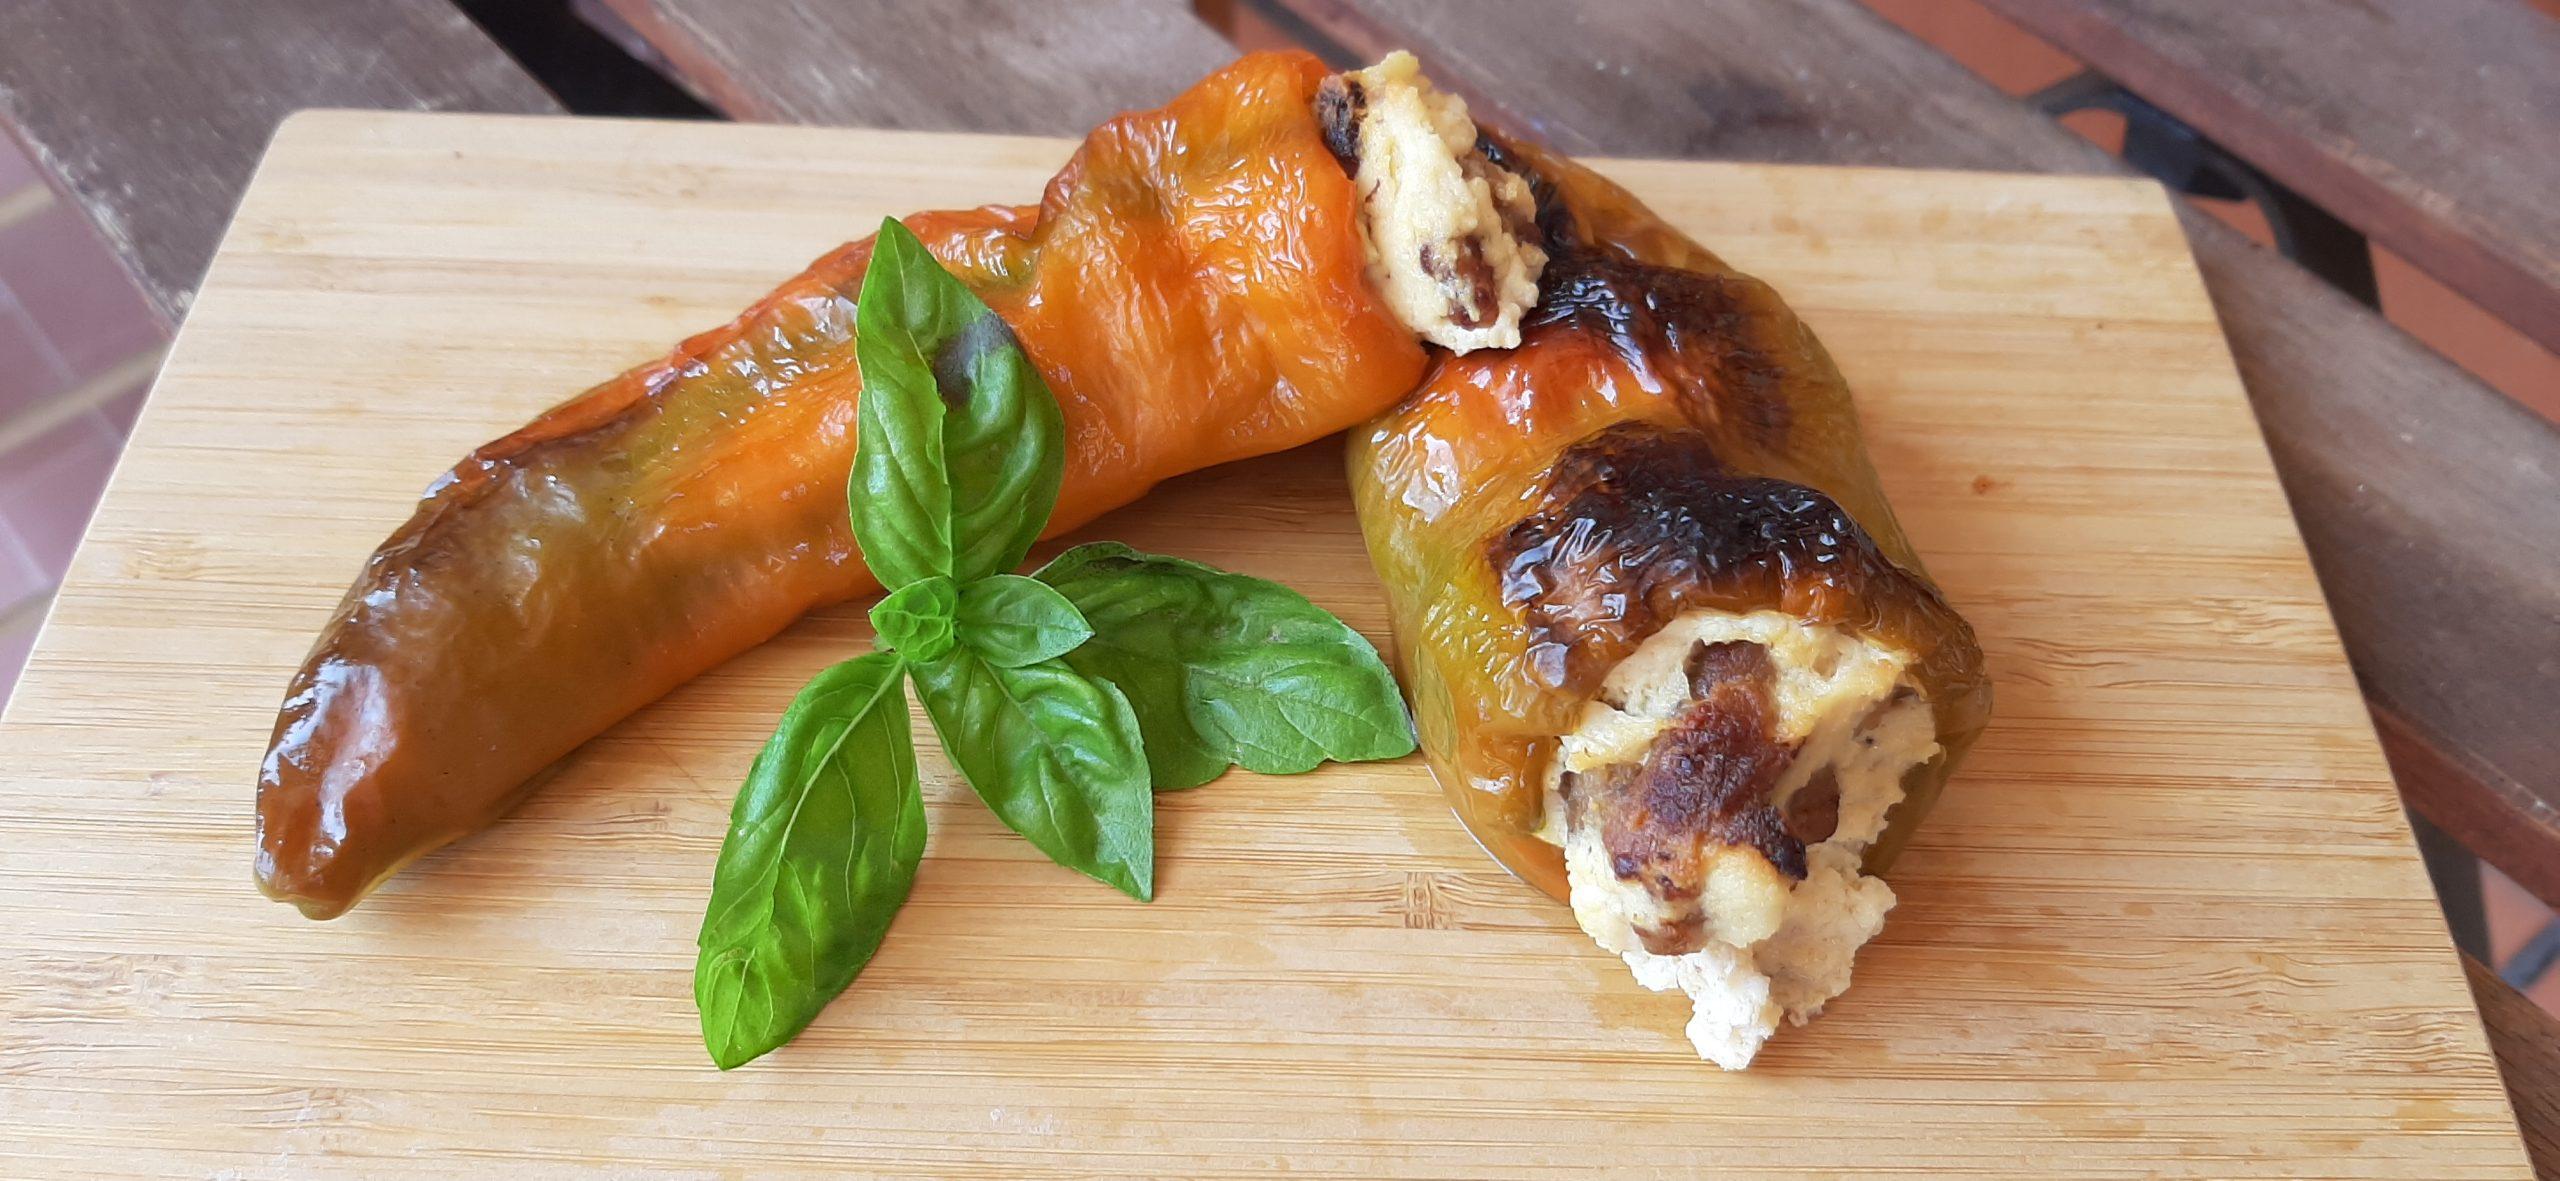 peperone cornetto di pontecorvo farcito di ricotta e salsiccia ricetta tipica ciociara